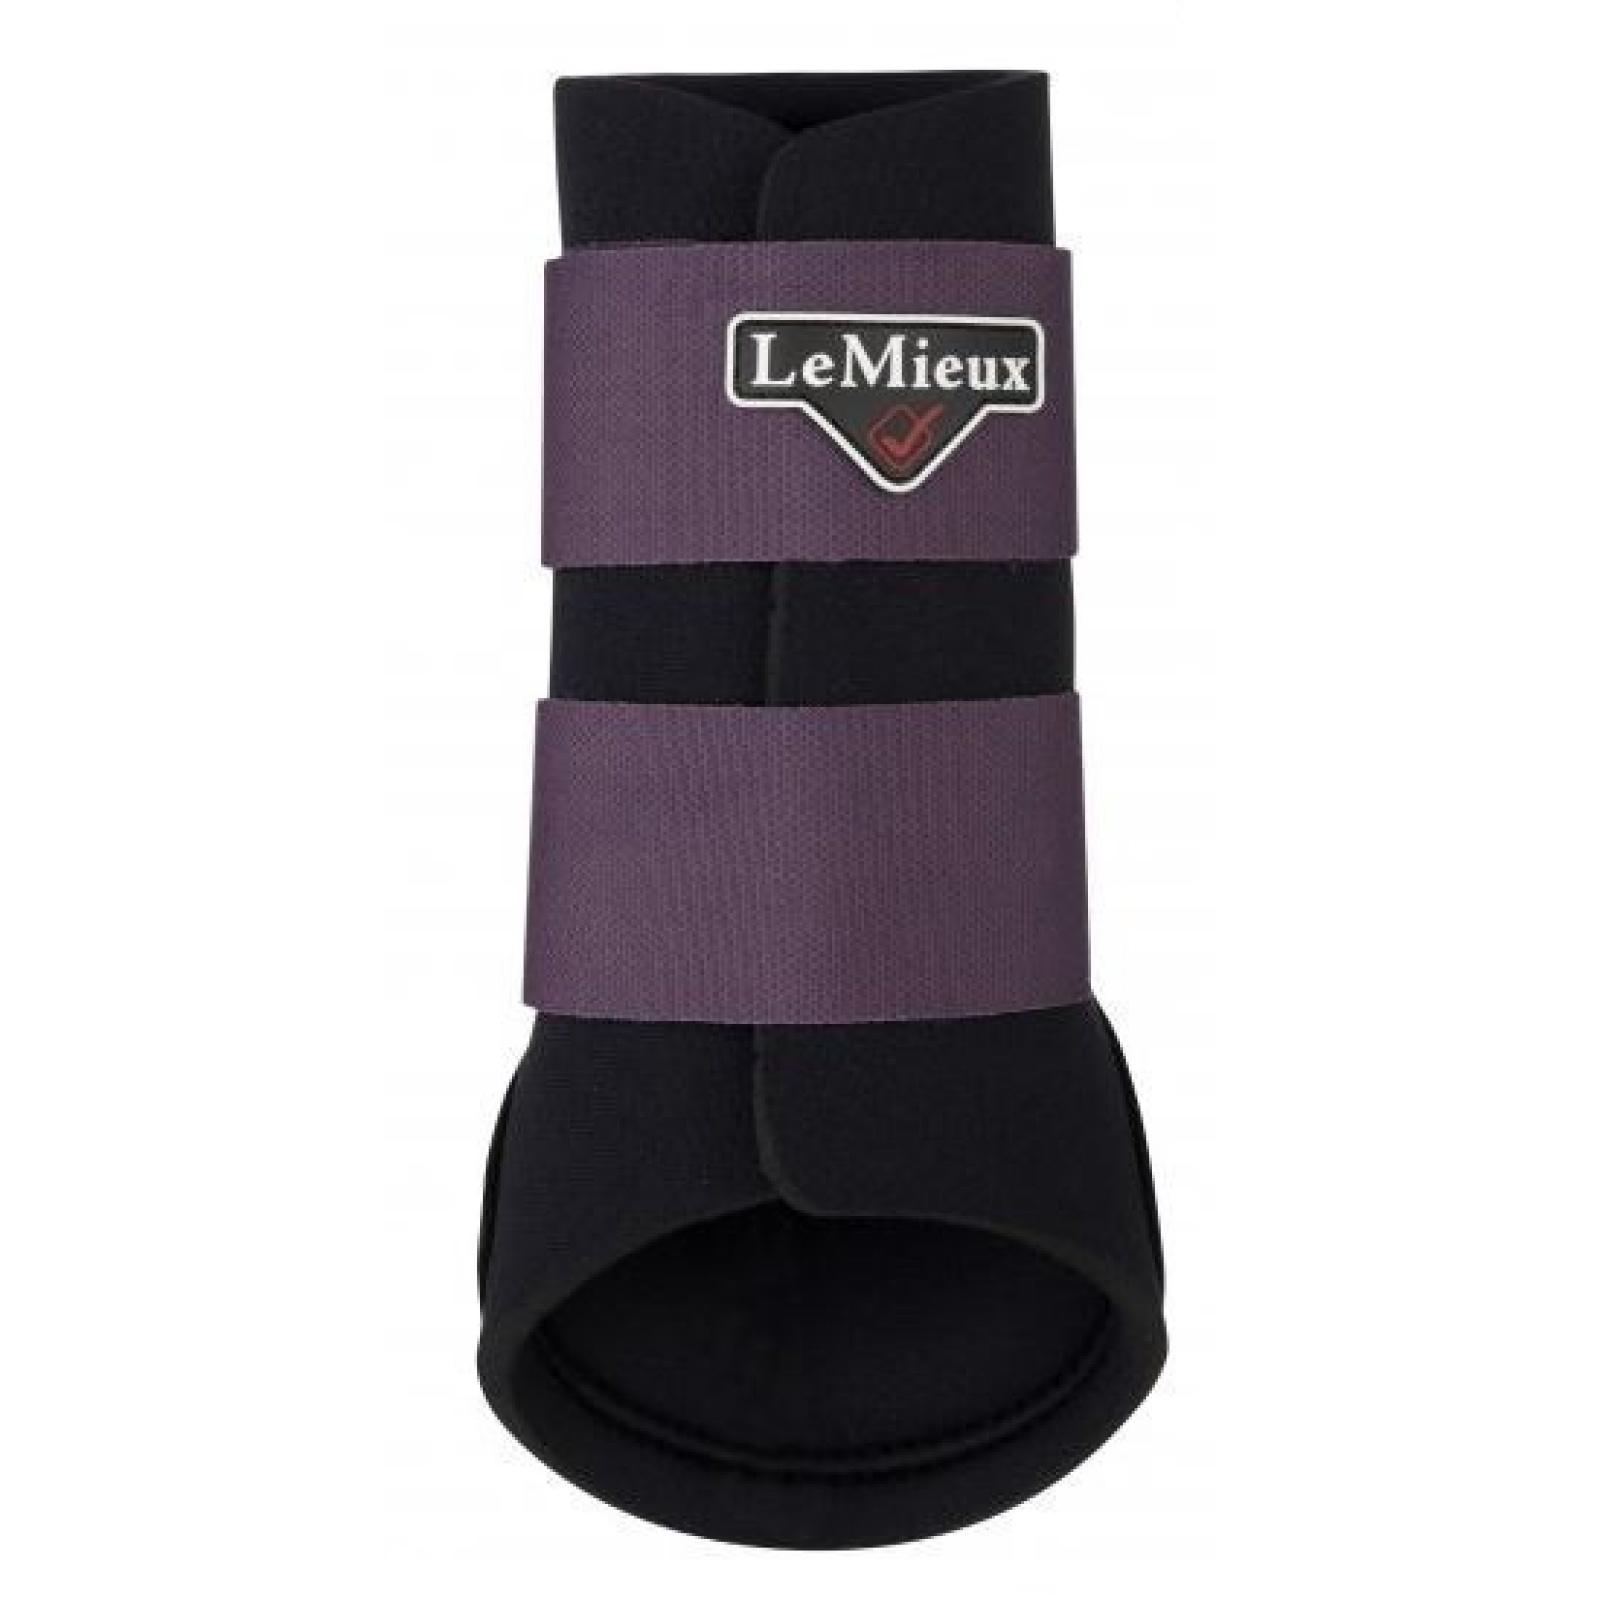 LEMIEUX-PROSPORT-Grafter-Brossage-Bottes-Leger-Protection miniature 13